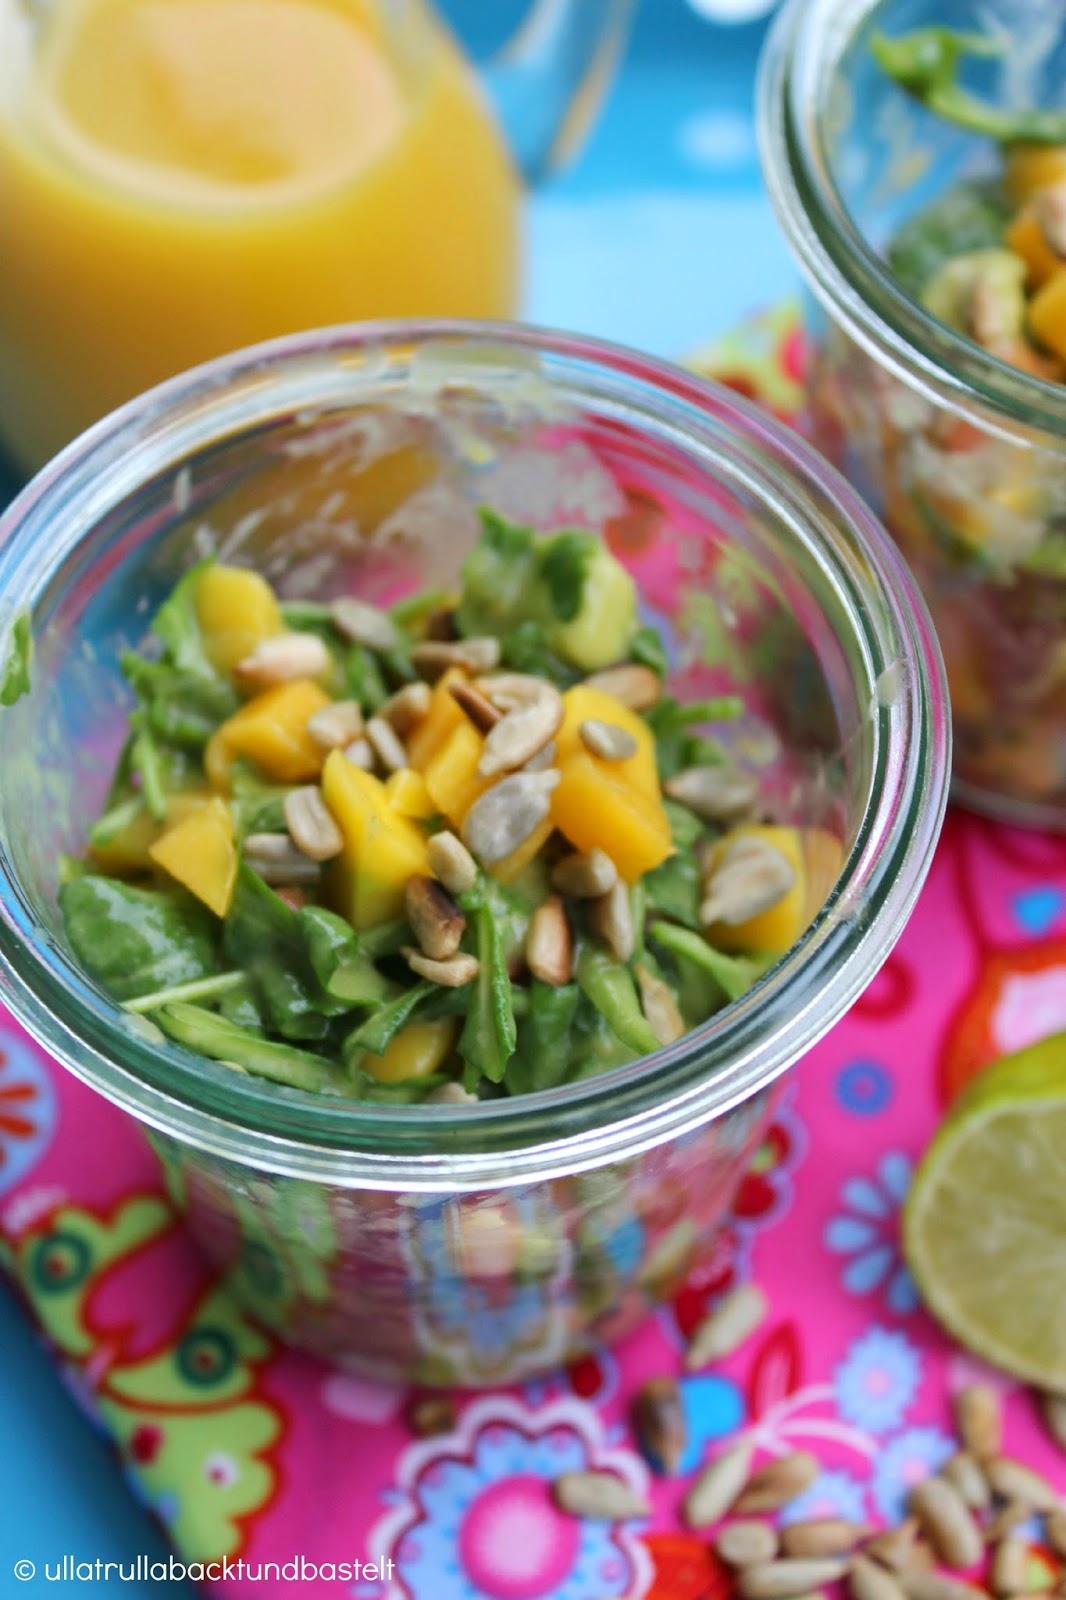 ullatrulla backt und bastelt s und fruchtig rezept f r rucolasalat mit mango und avocado. Black Bedroom Furniture Sets. Home Design Ideas